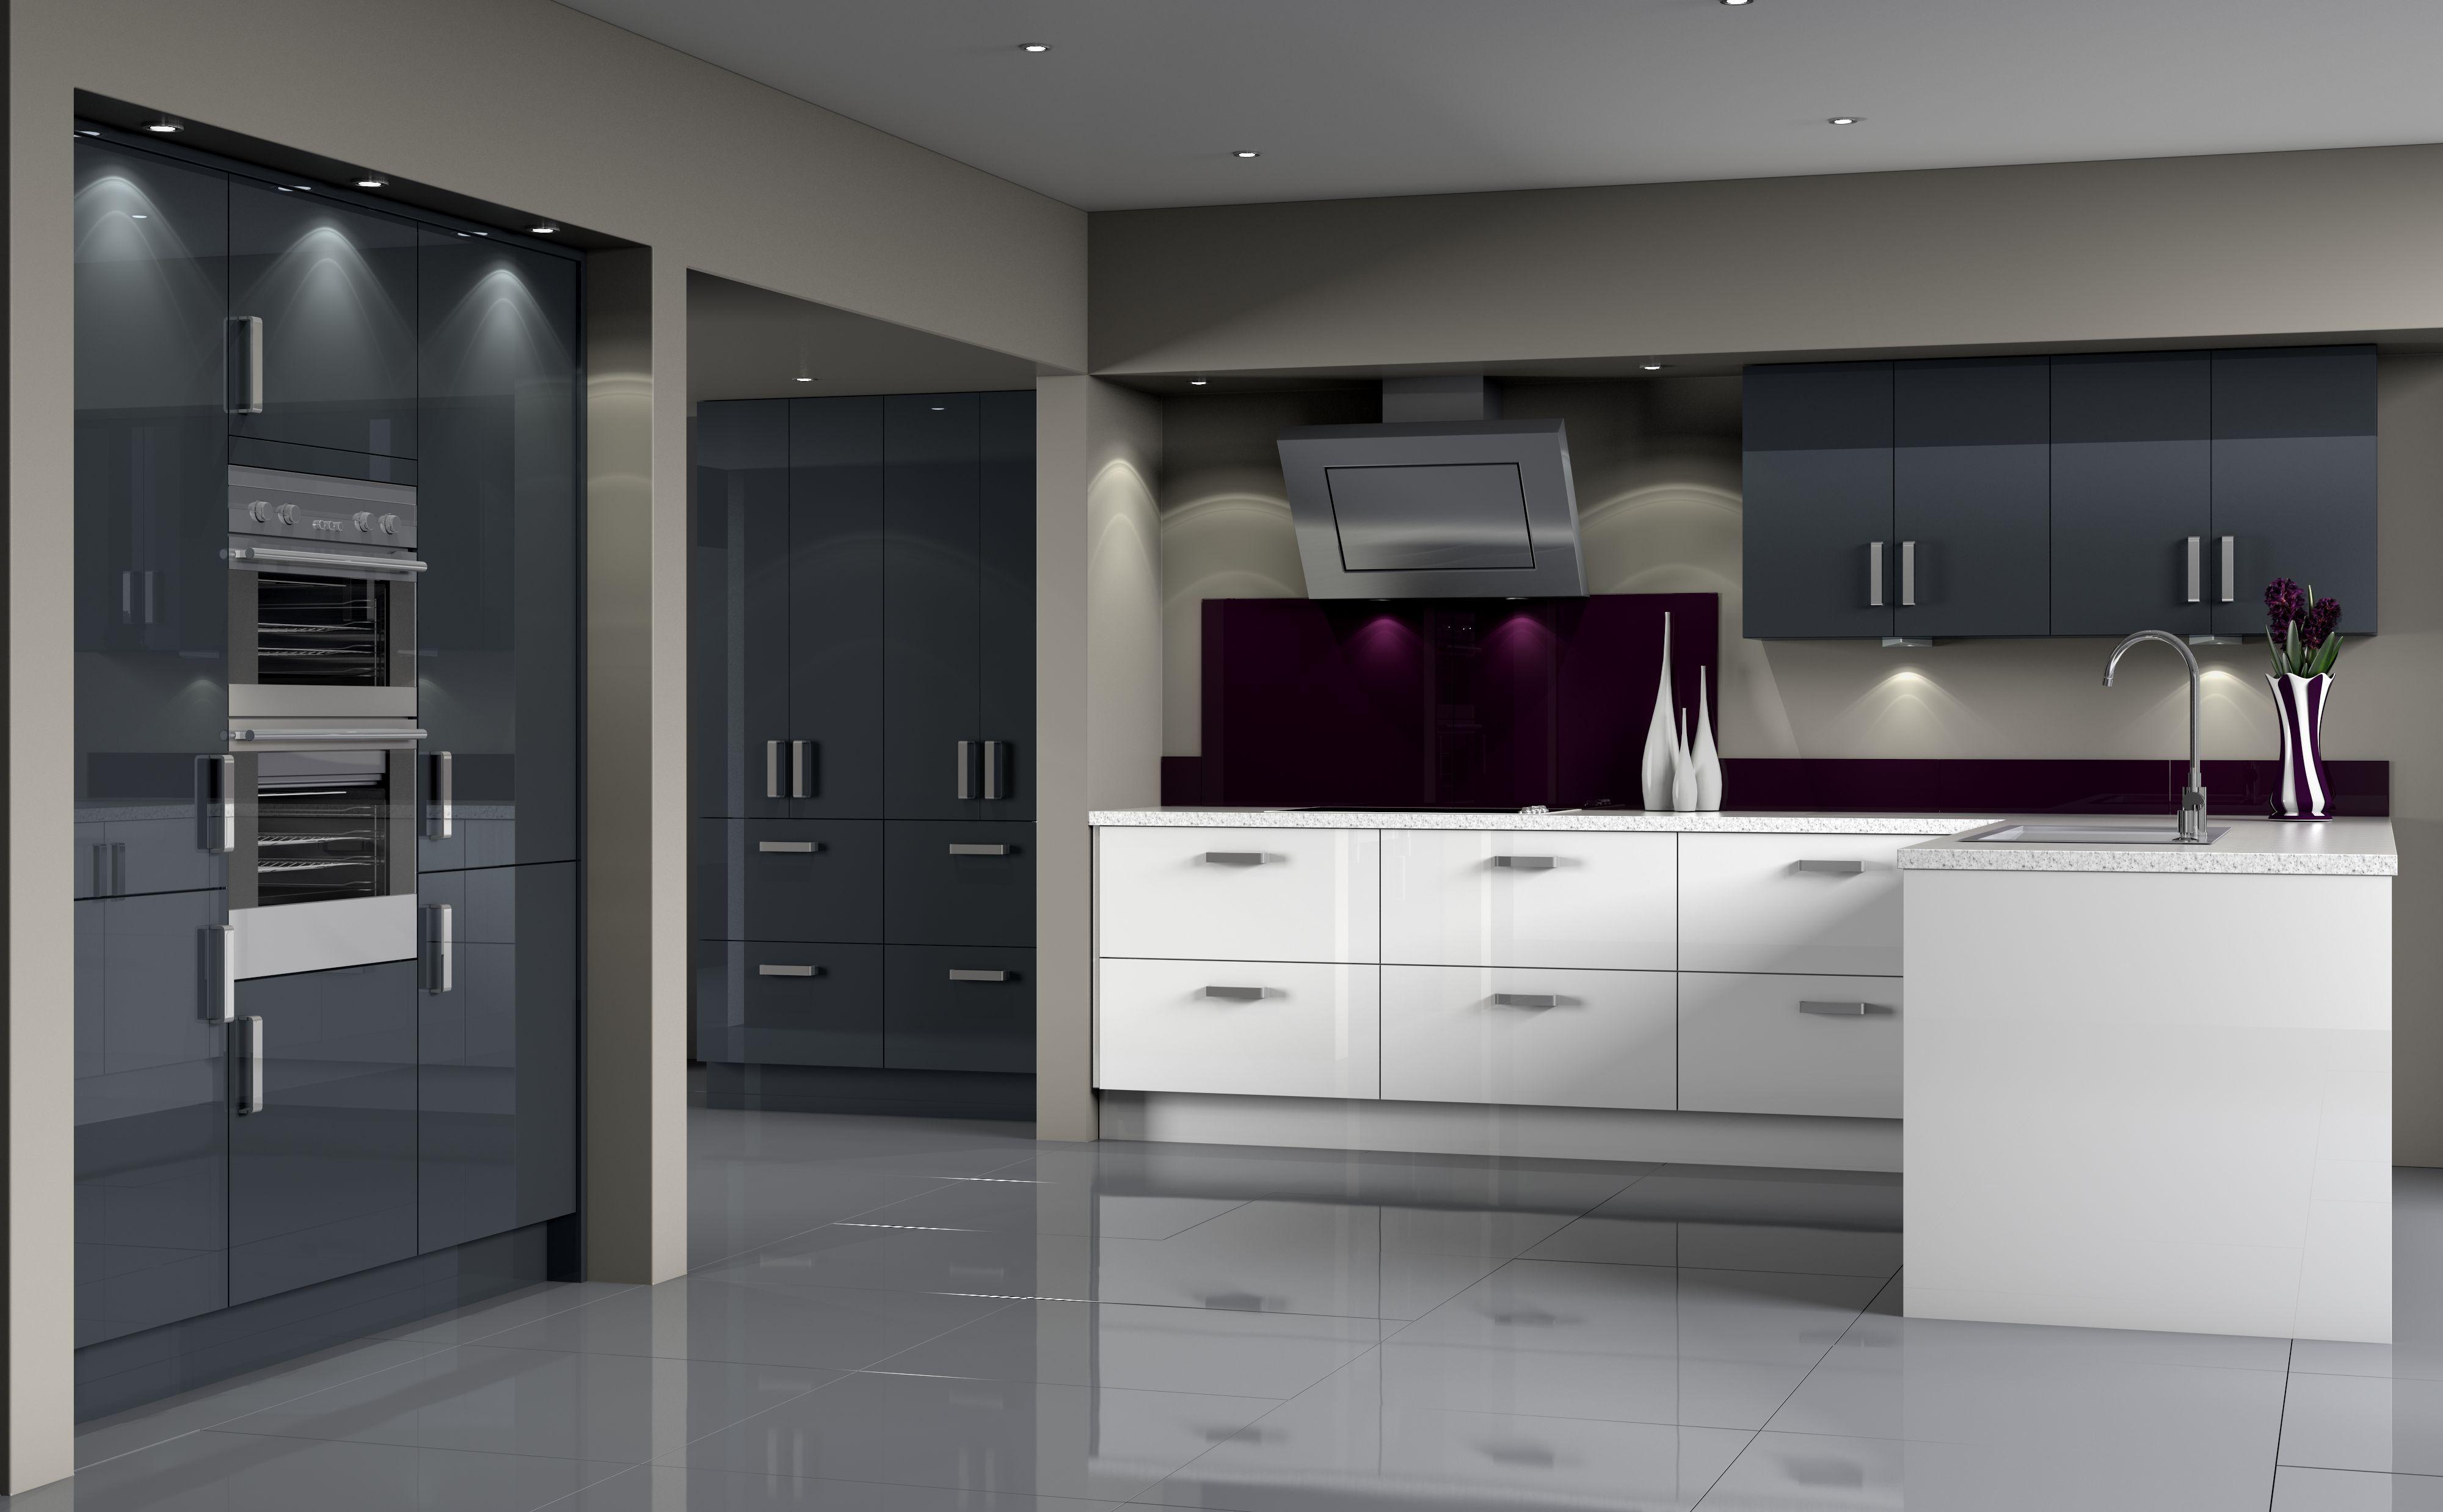 High Gloss Black Kitchen Cabinets Sandropainting Com Grey Kitchen Designs Grey Kitchen Cabinets Symphony Kitchen